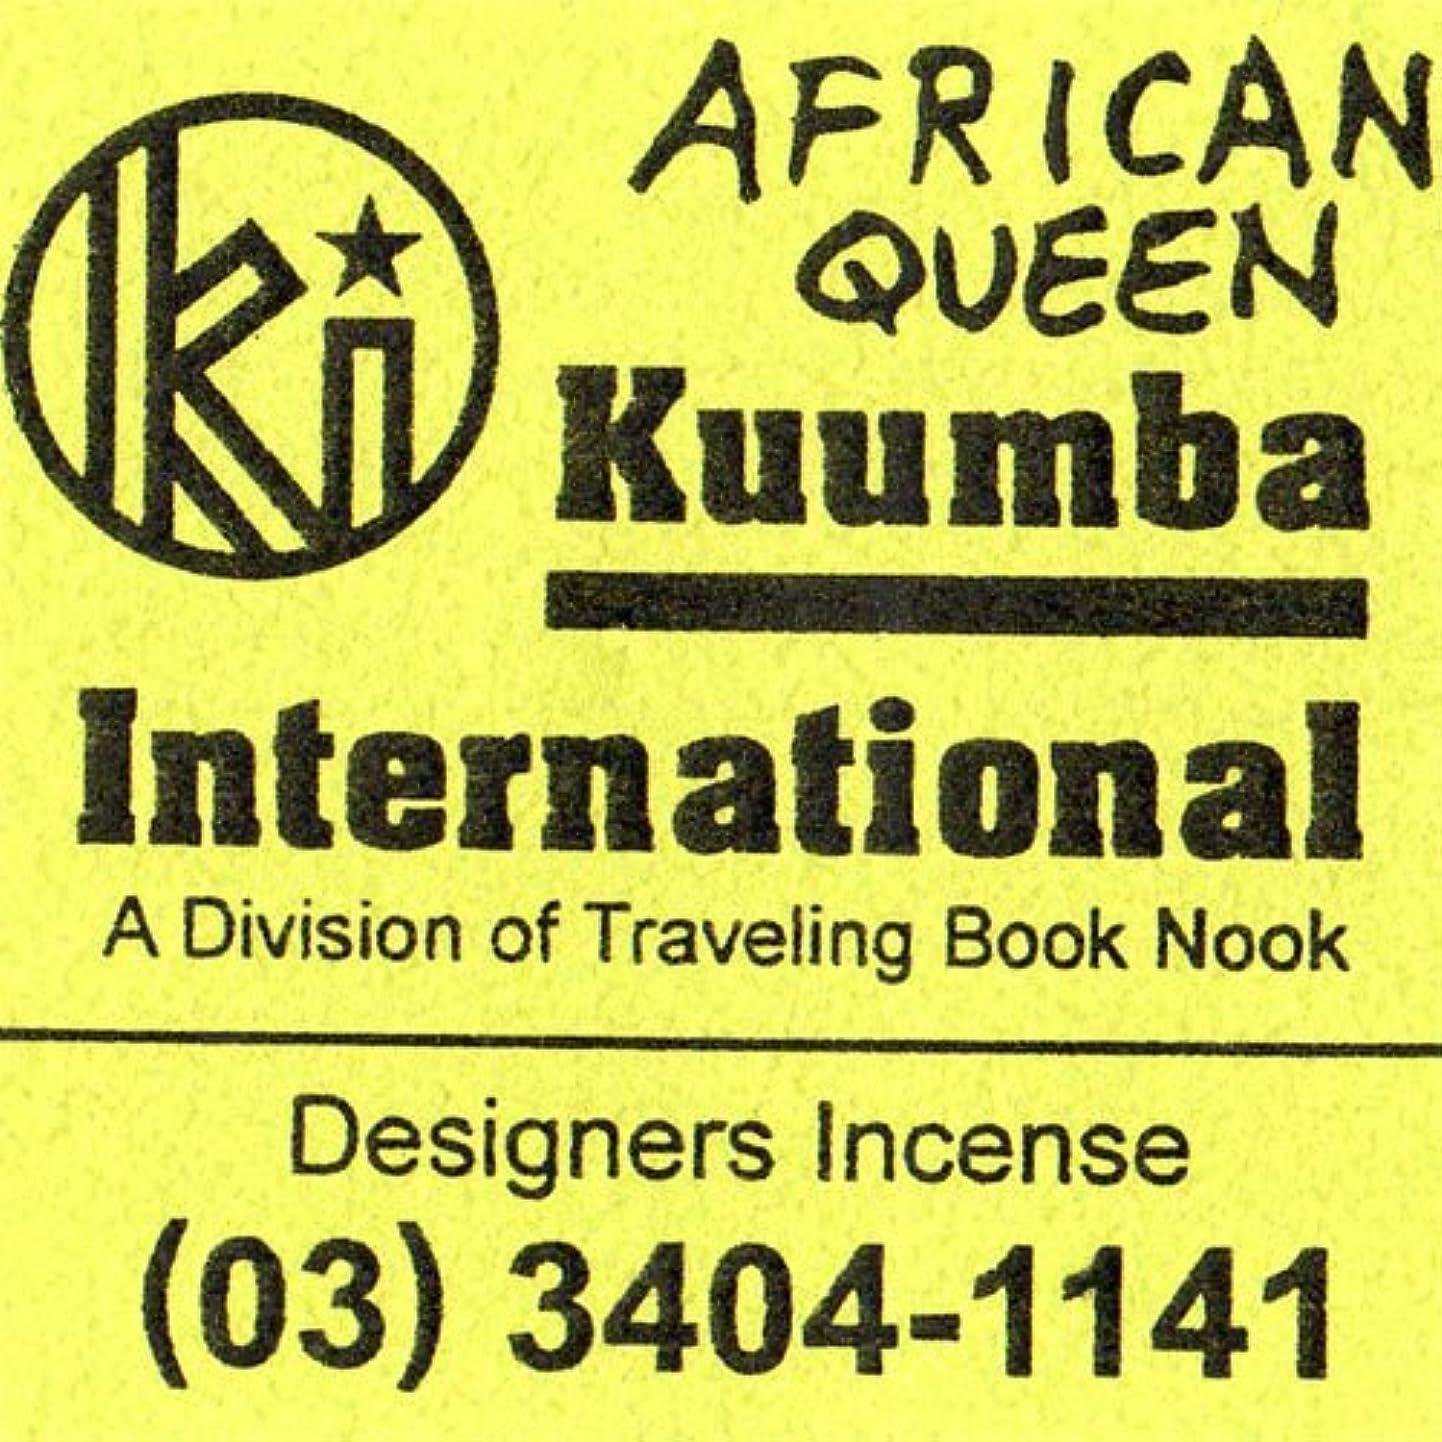 卵和解するラフ睡眠(クンバ) KUUMBA『incense』(AFRICAN QUEEN) (Regular size)